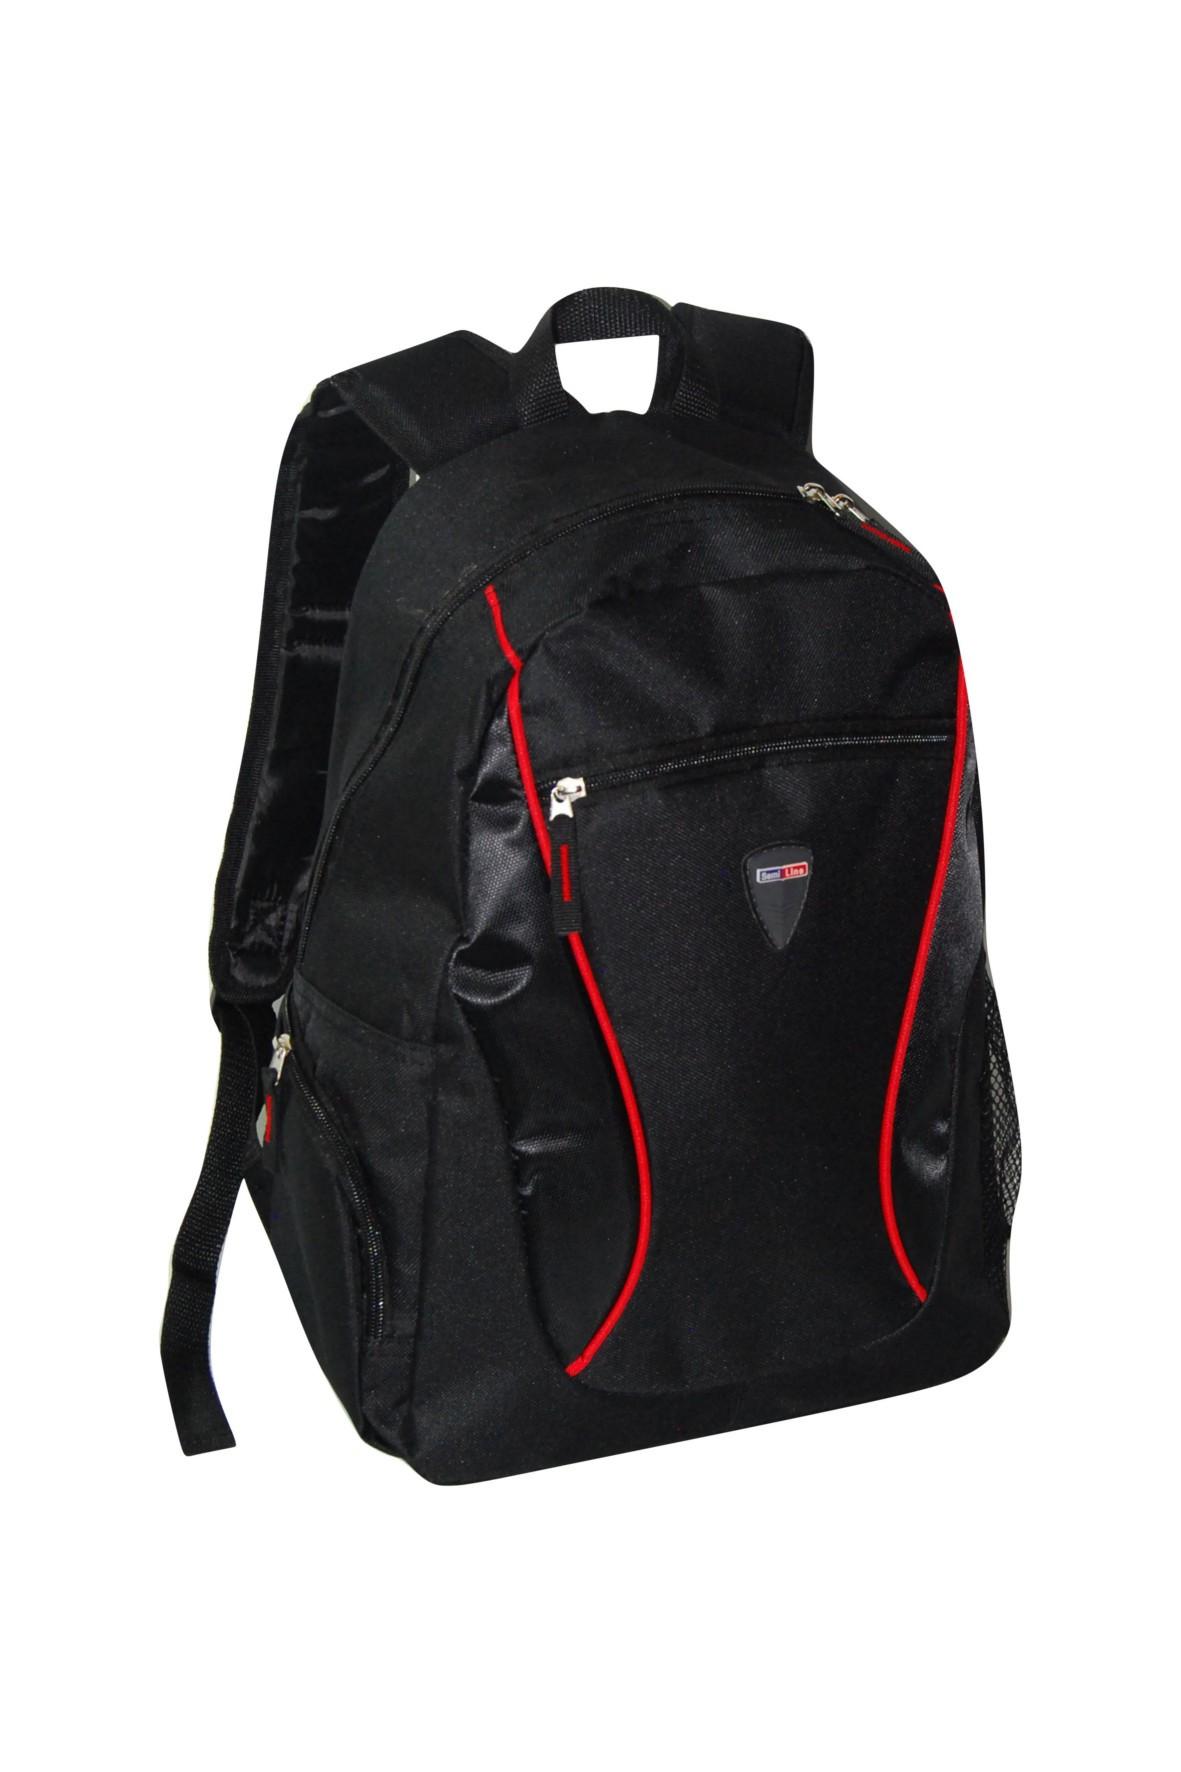 b2de6b613afd7 Idealny do szkoły plecak dla chłopca z kieszeniami i miejscem na bidon.